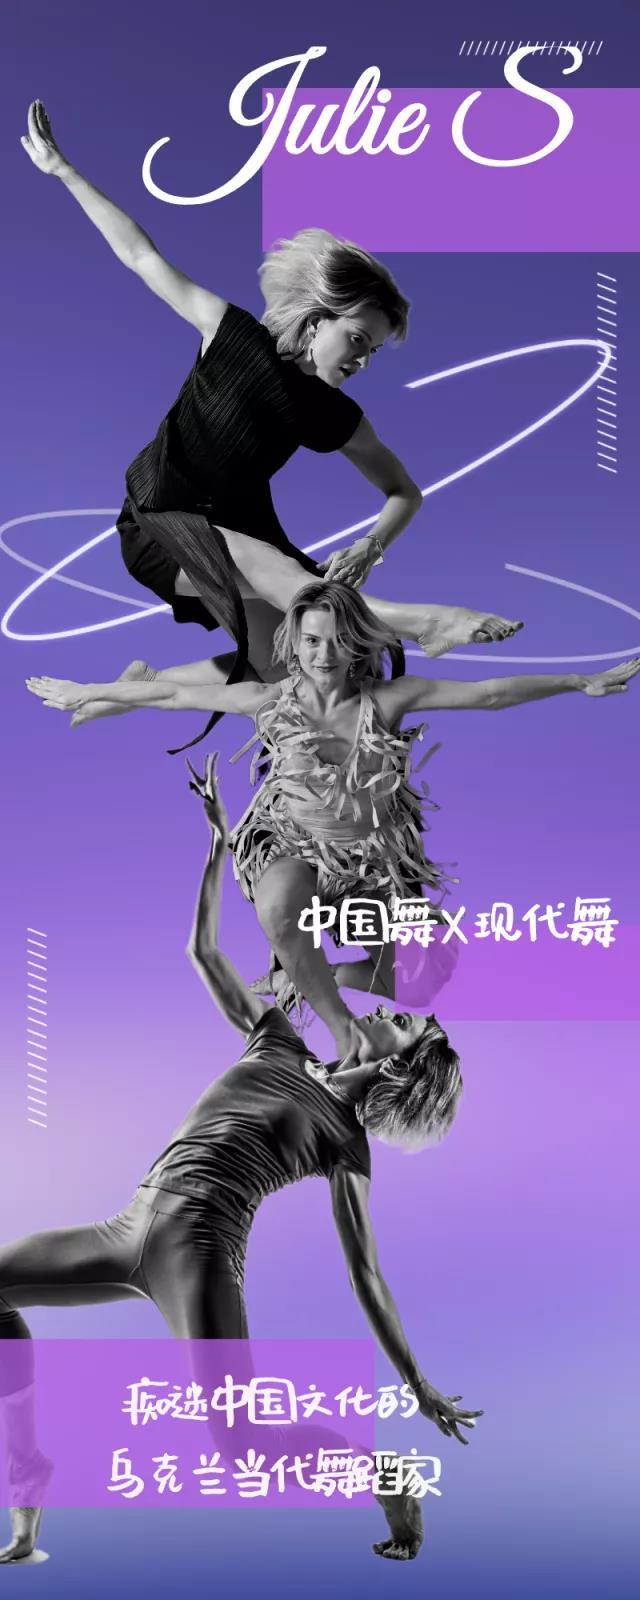 """乌克兰女舞者演绎申城""""舞极限"""",上海国际艺术节开创美育新载体,探索""""未来""""艺教模式"""